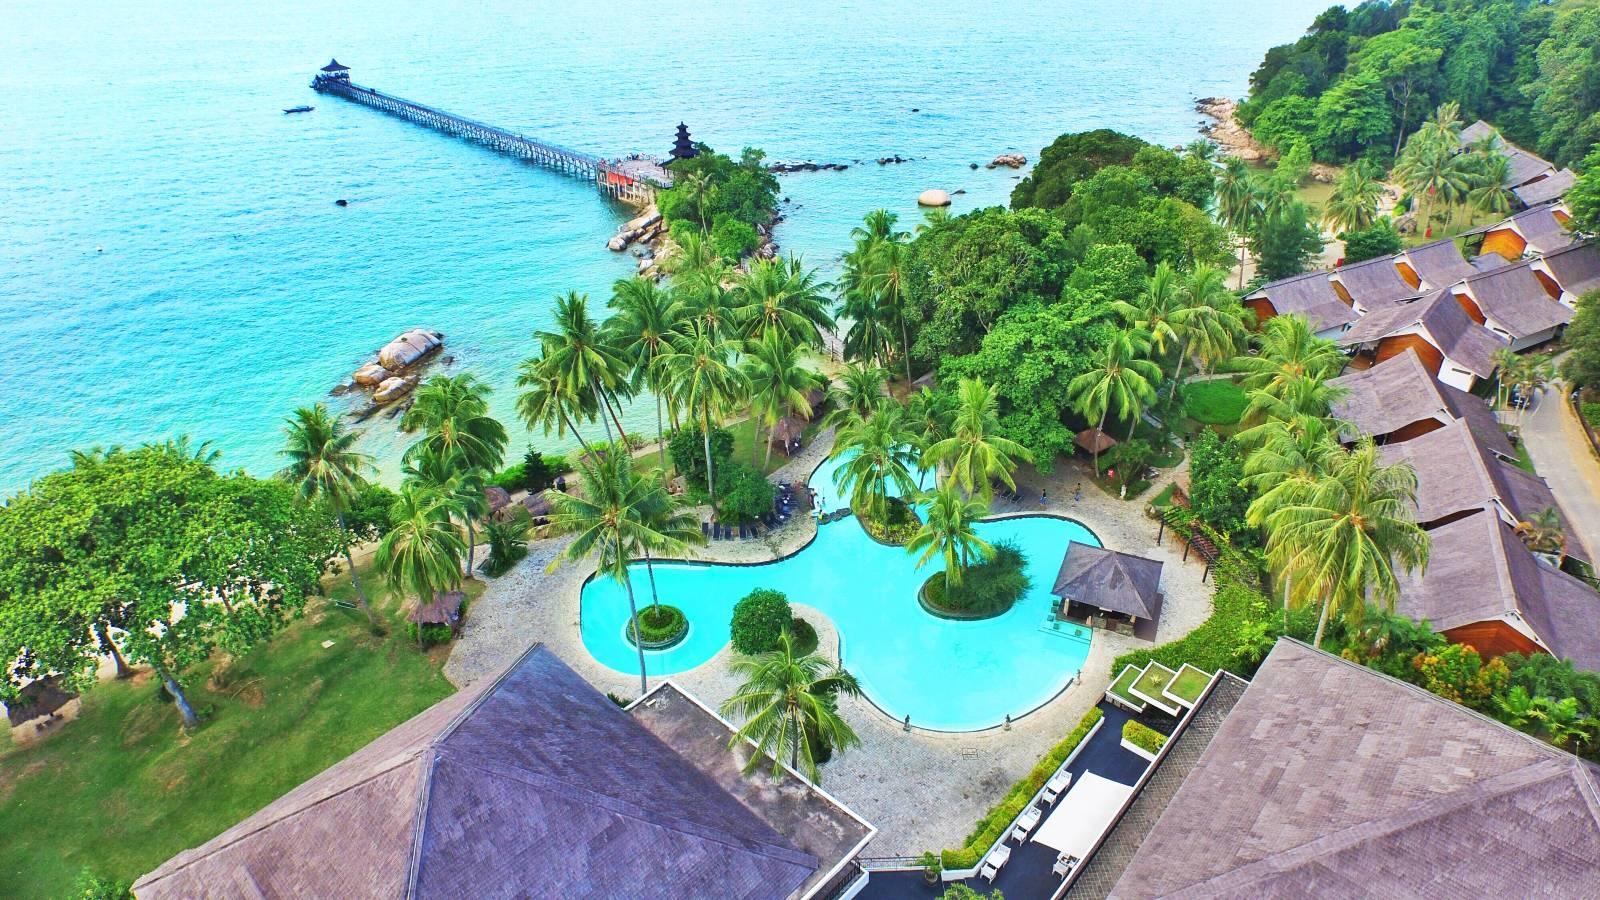 那里有不失巴厘岛的浪漫美丽,却比巴厘岛原生态得多~ 这里就是印尼